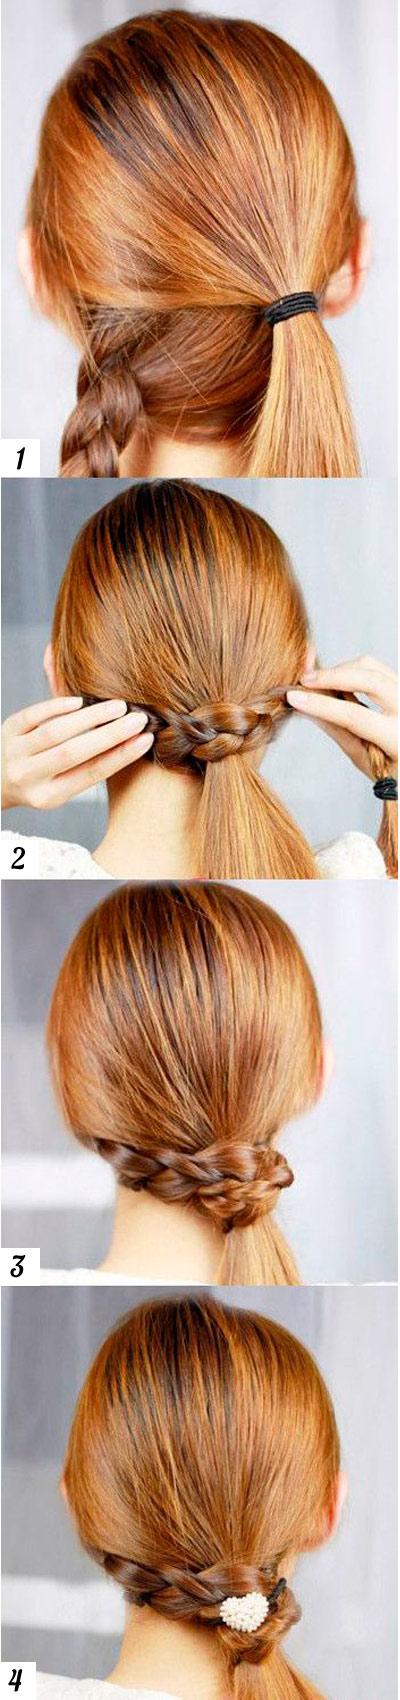 Простые причёски в школу для девочки на каждый день